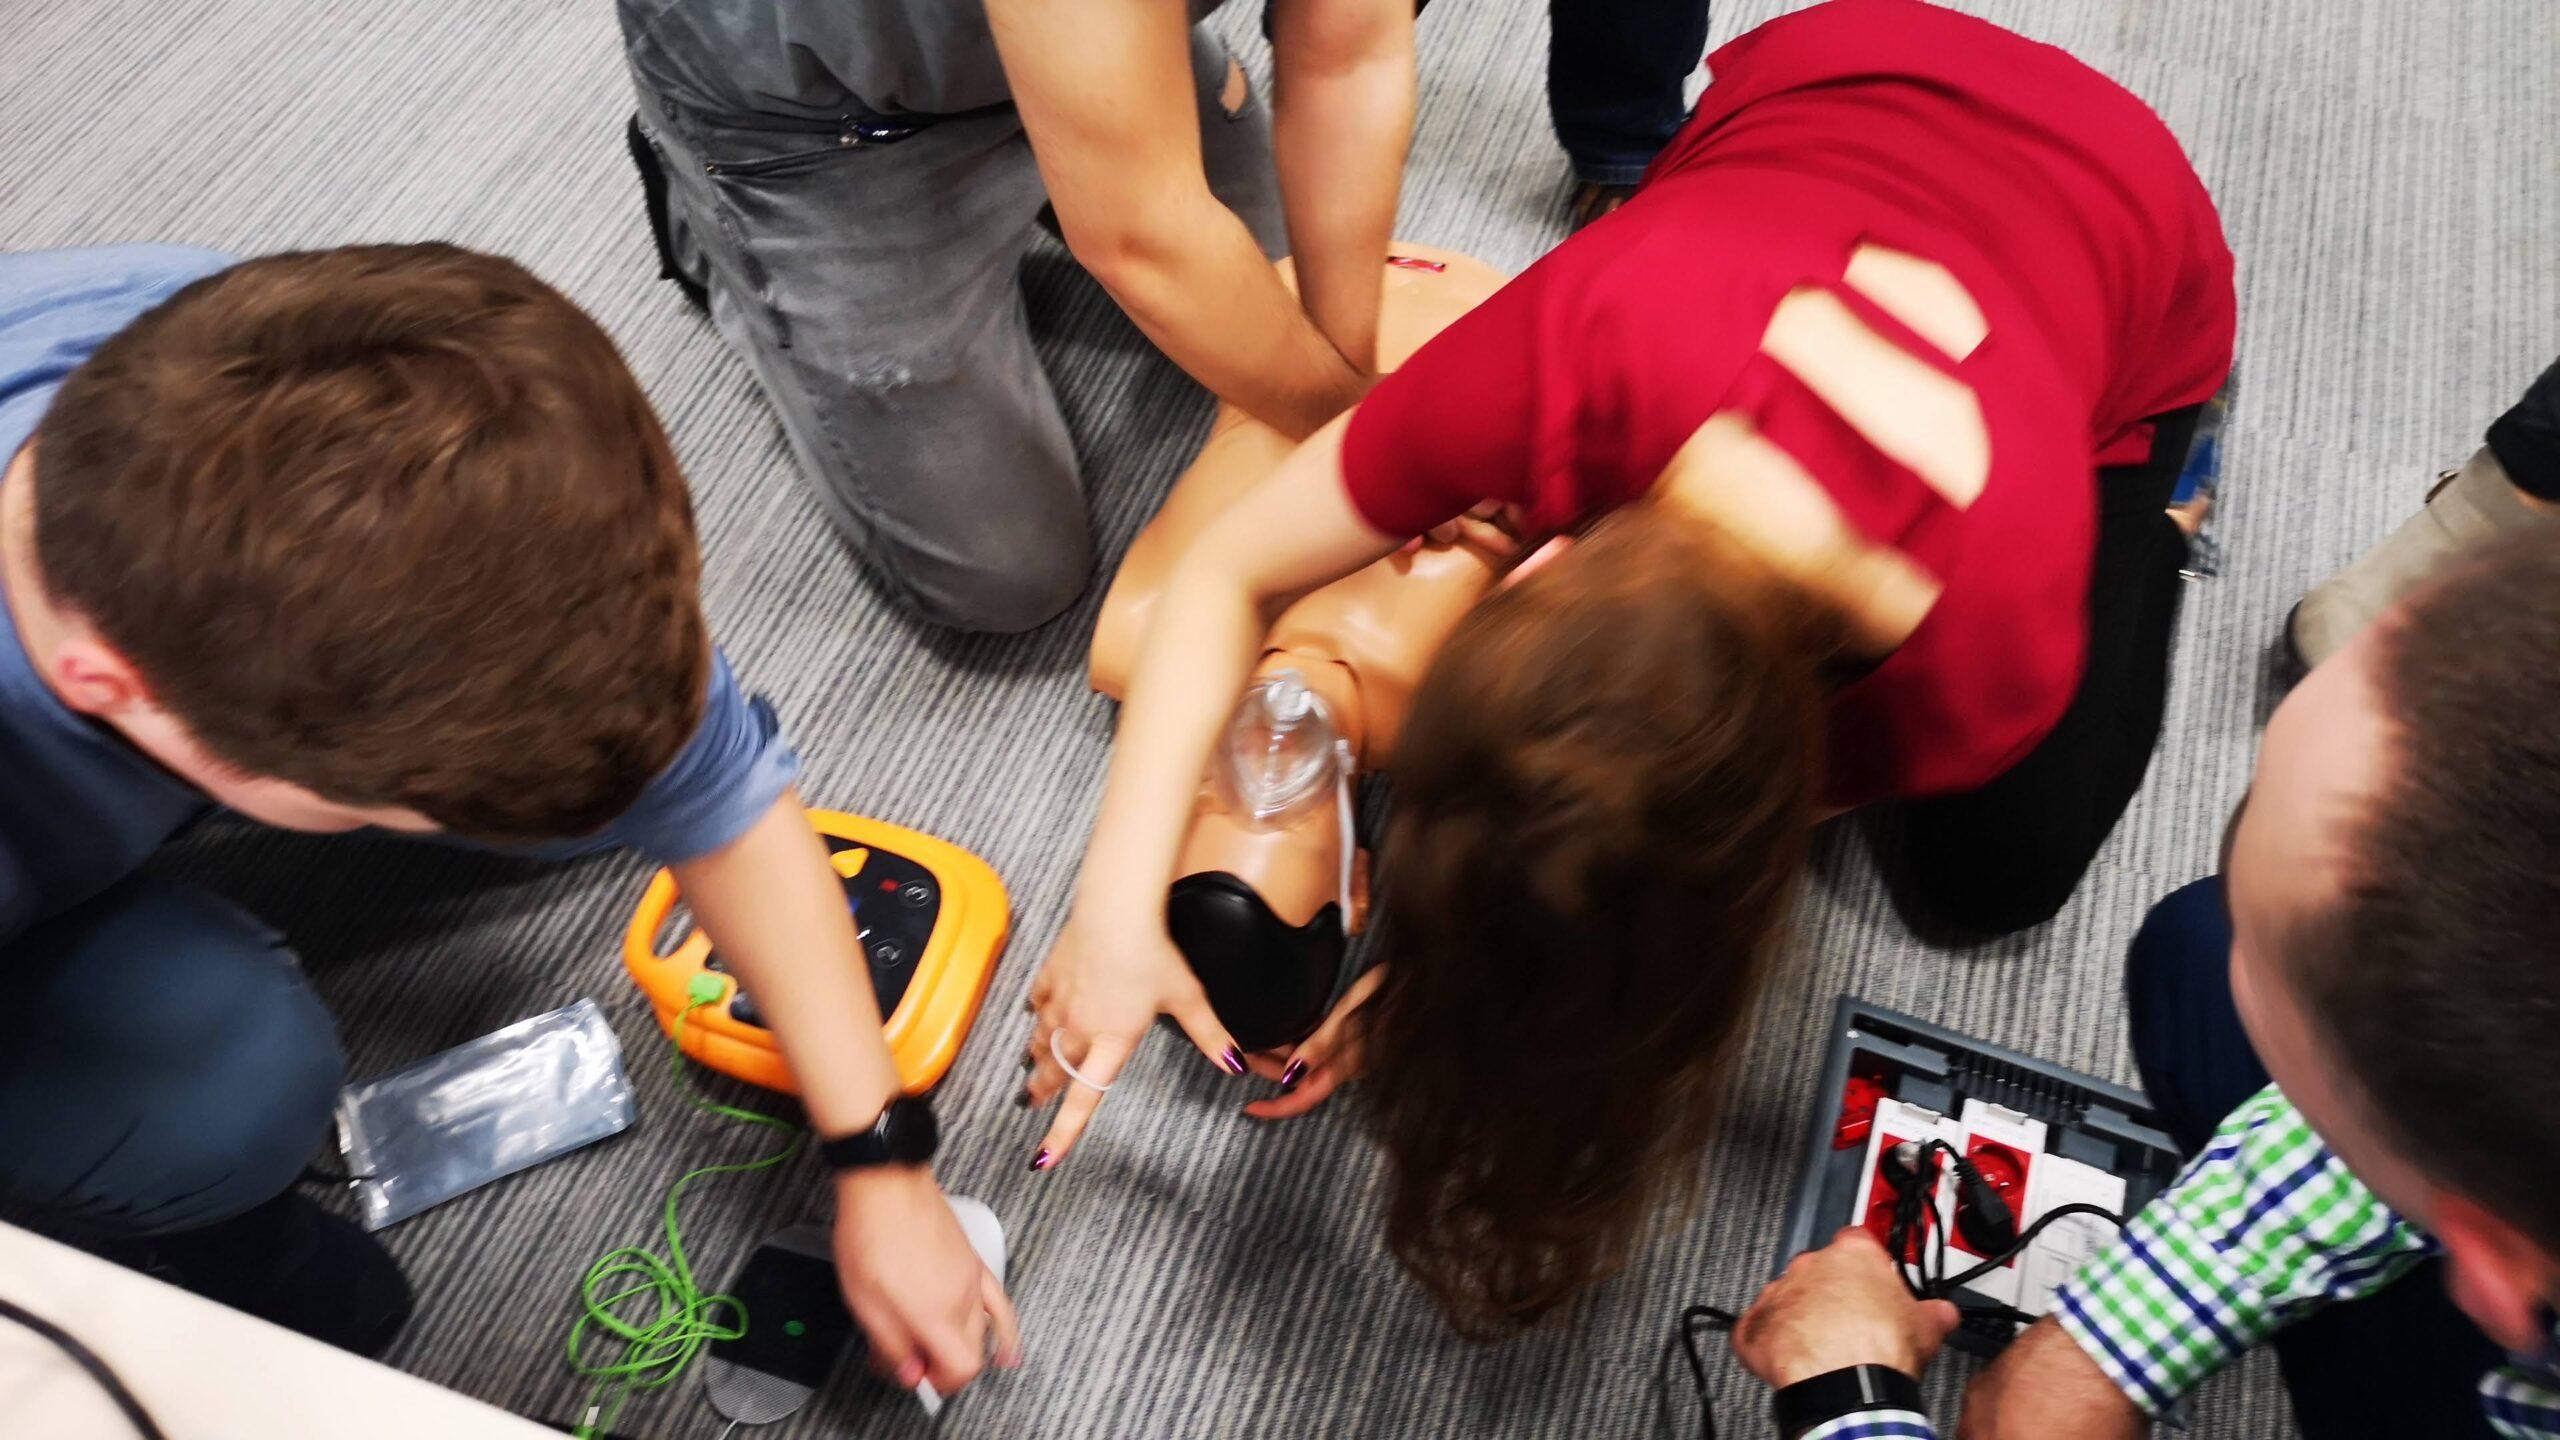 kurs pierwszej pomocy bialystok